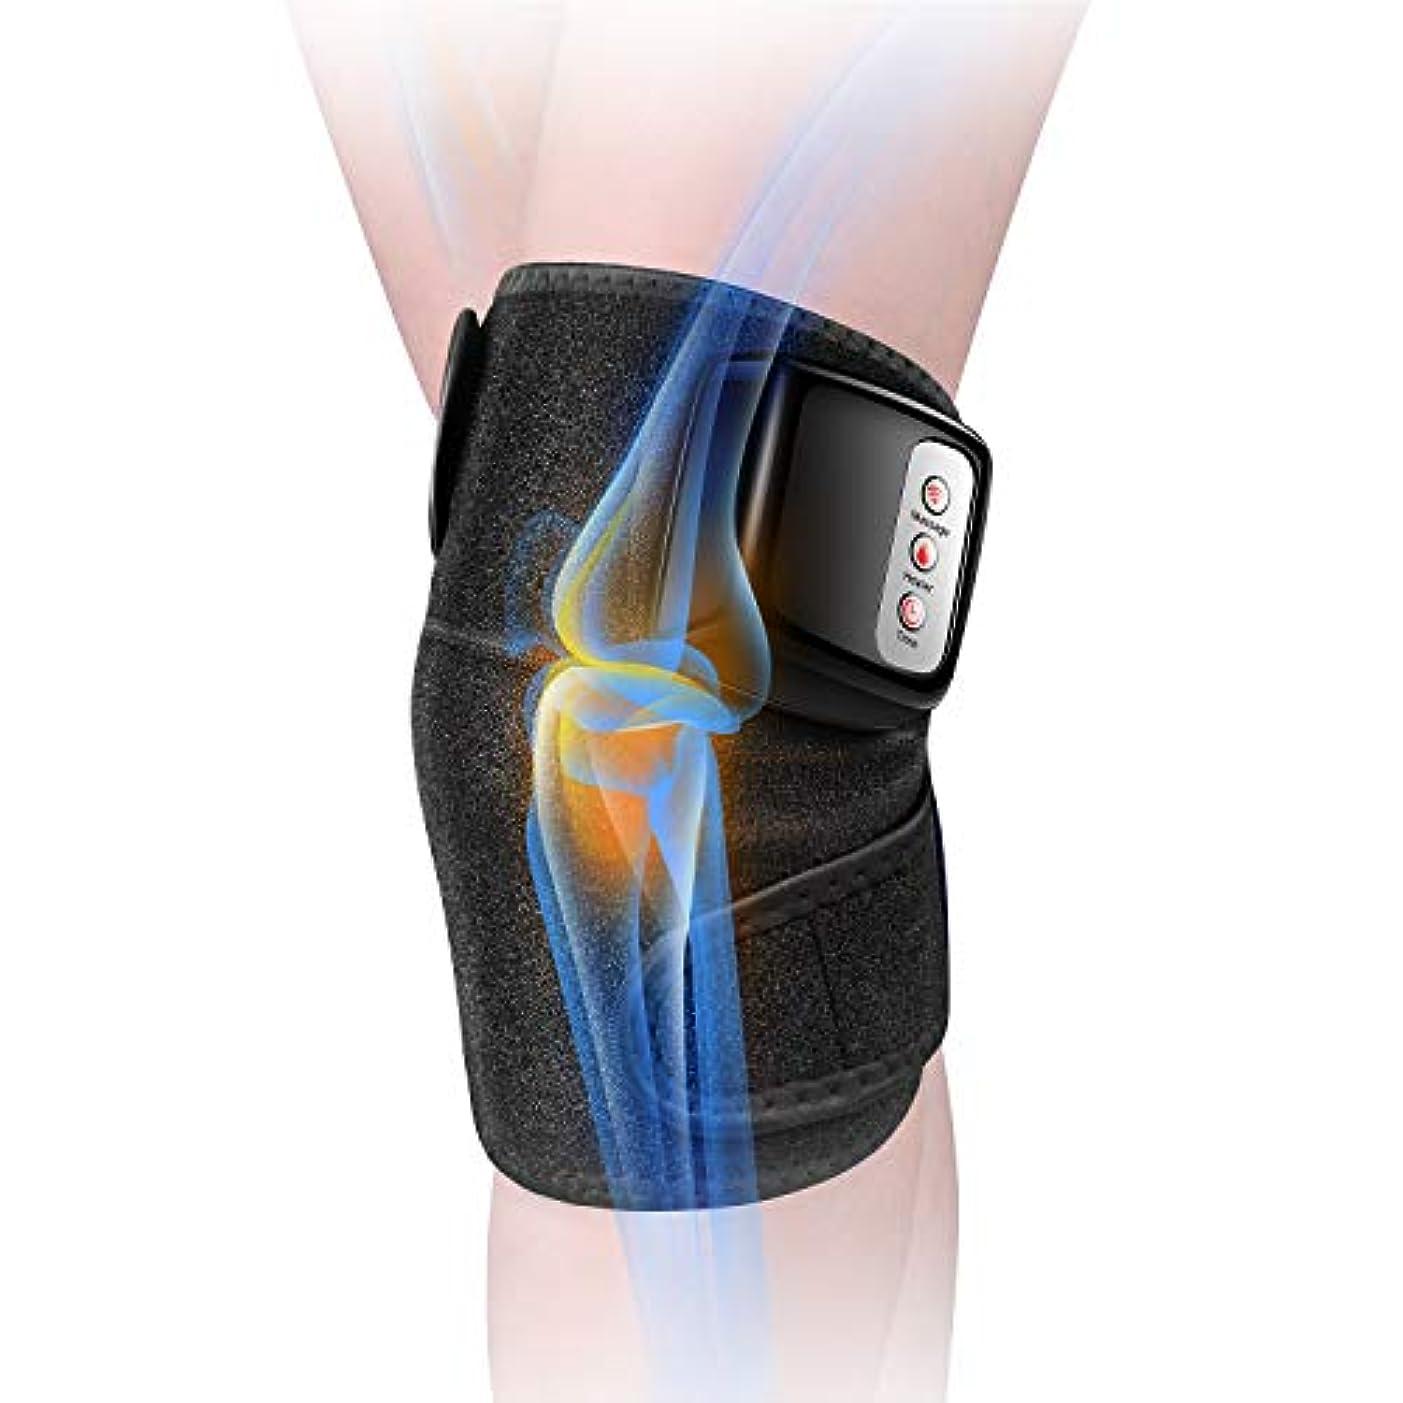 木目の前の流用する膝マッサージャー 関節マッサージャー マッサージ器 フットマッサージャー 振動 赤外線療法 温熱療法 膝サポーター ストレス解消 肩 太もも/腕対応